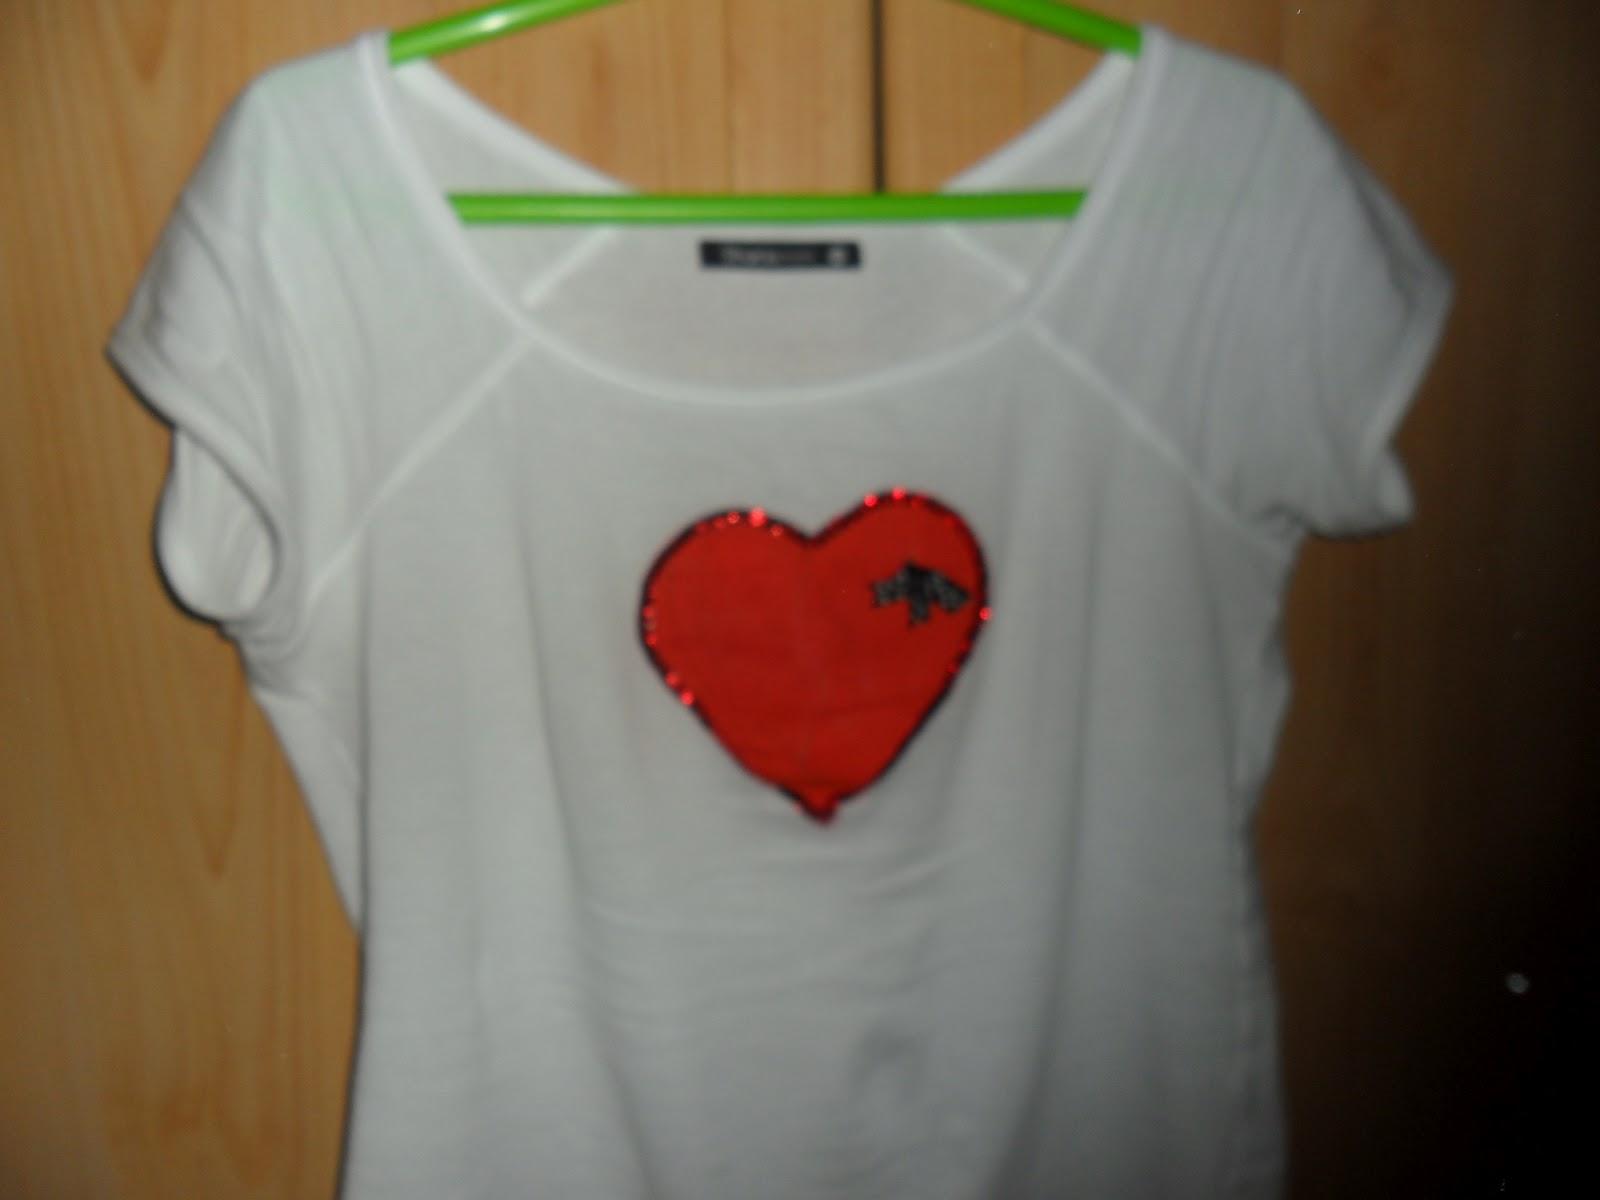 Santa lilaina pareu por un dedo diy camisetas pintadas a - Pintura para camisetas ...